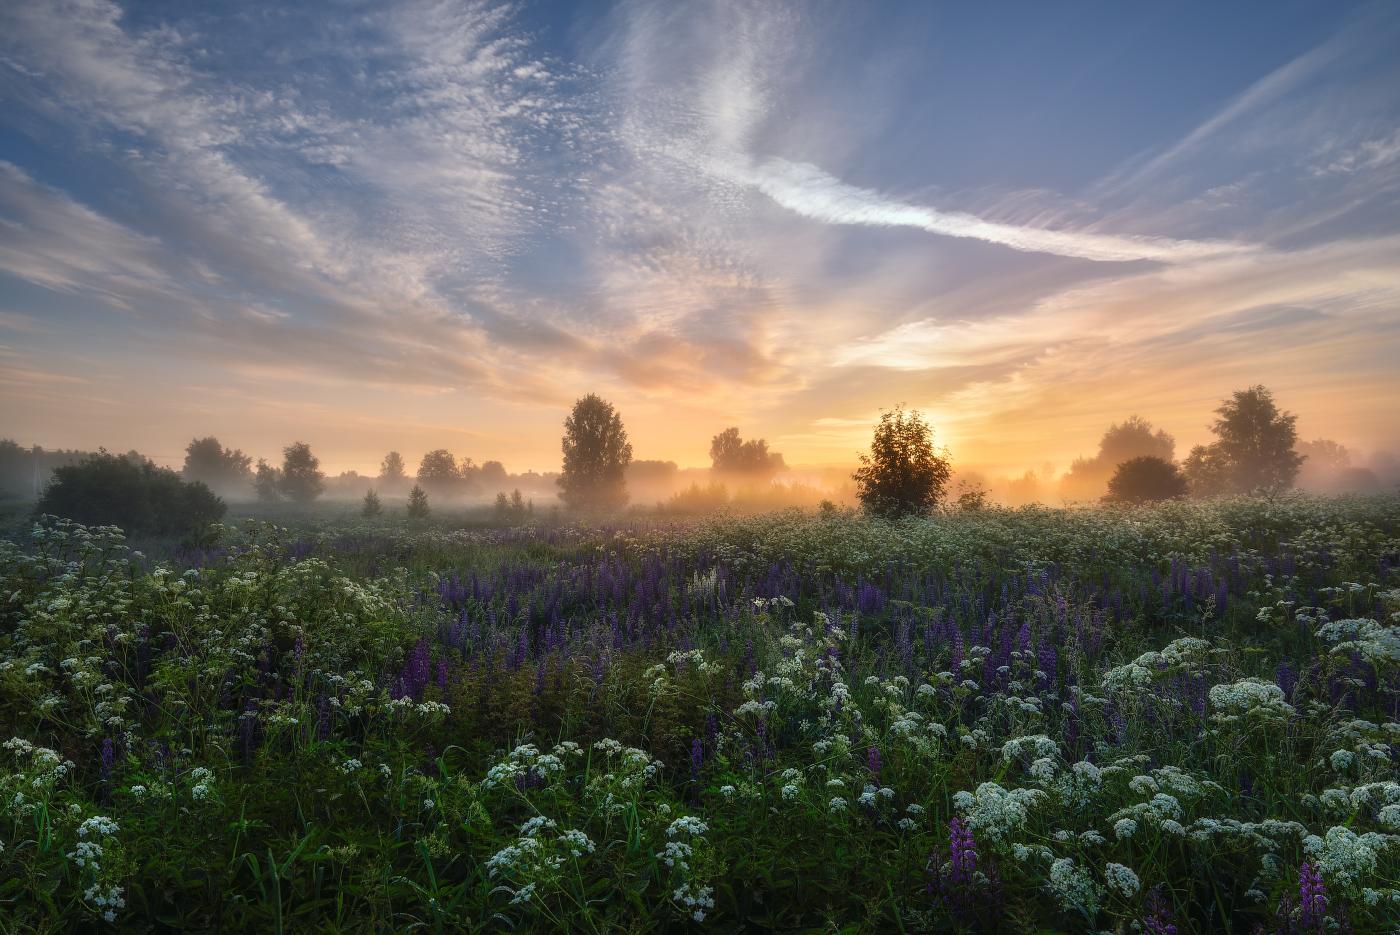 юных лет картинки утренний летний пейзаж новогодние фотосессии